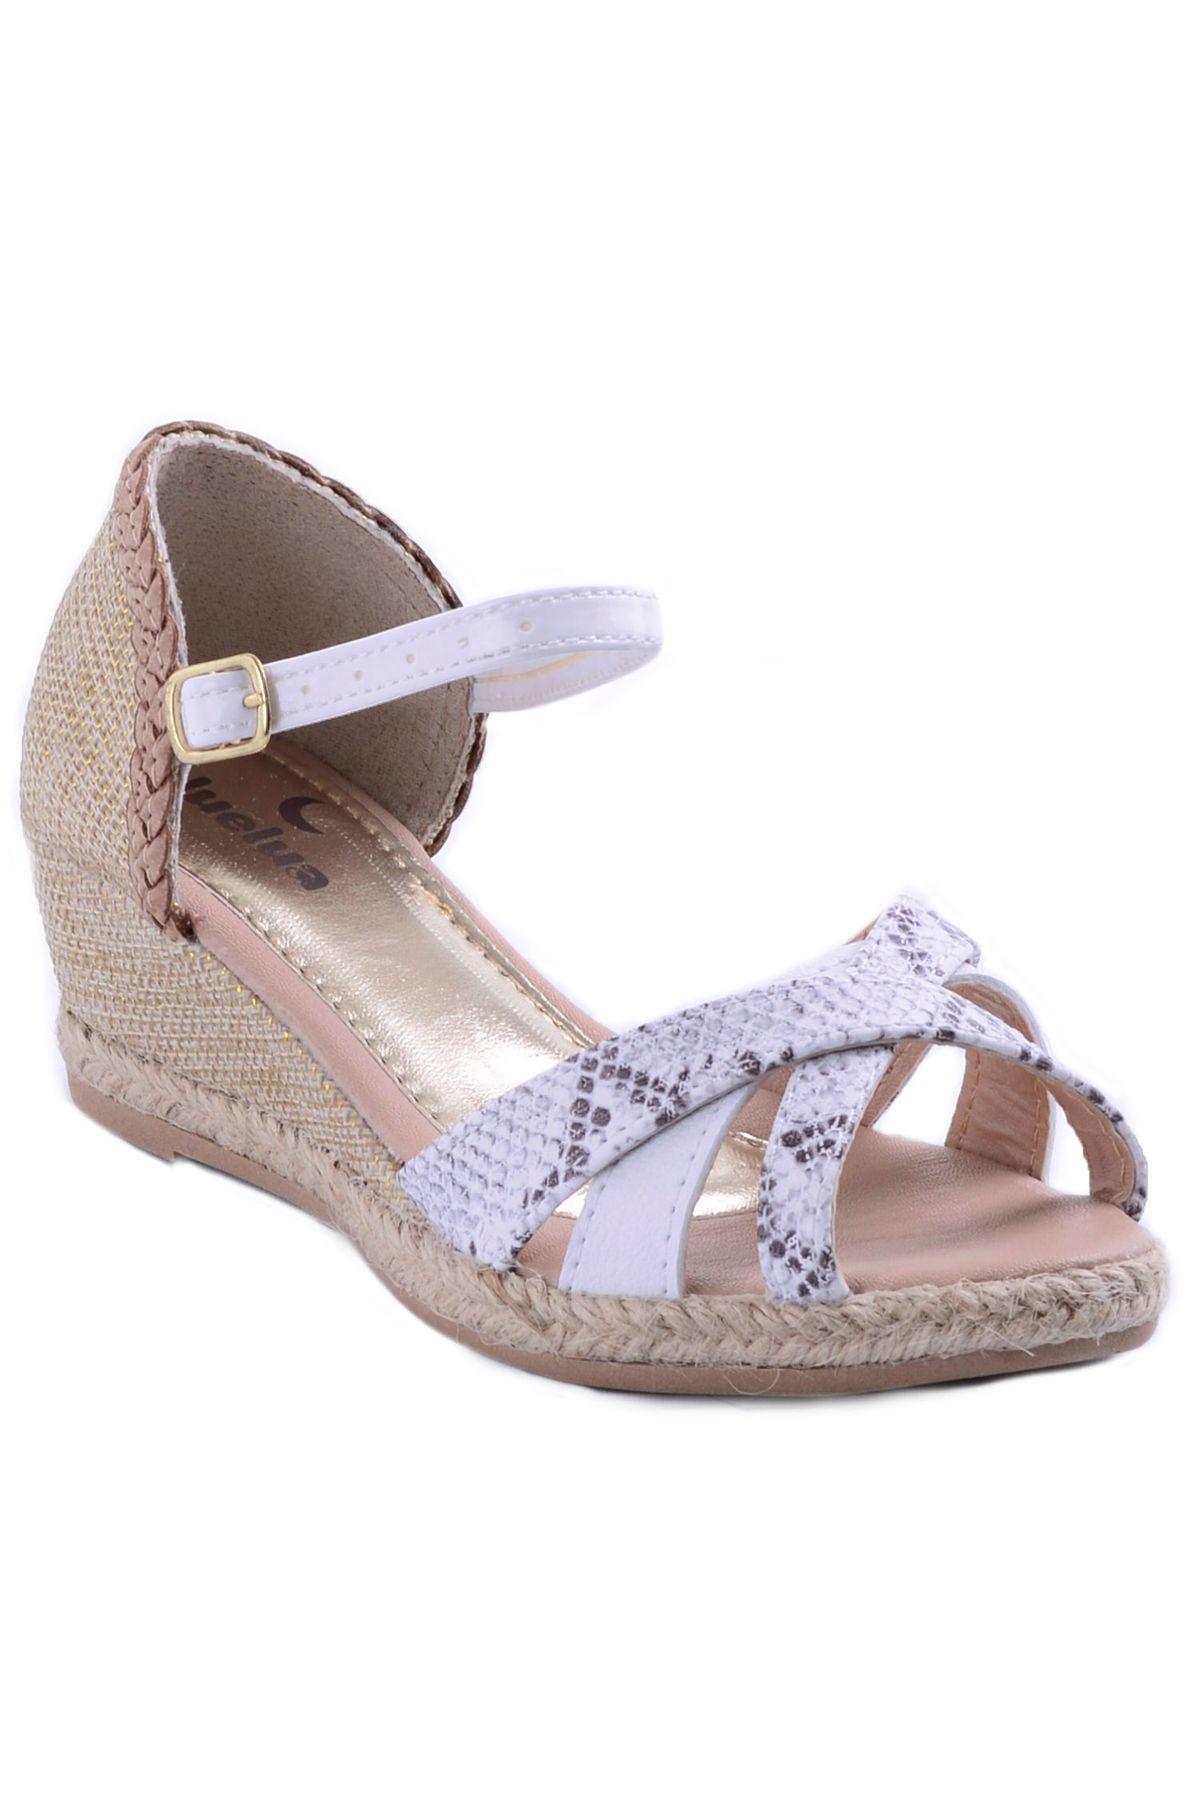 74ca1f763d Sandália Anabela Luelua Lorenza | Mundial Calçados - Mundial Calçados